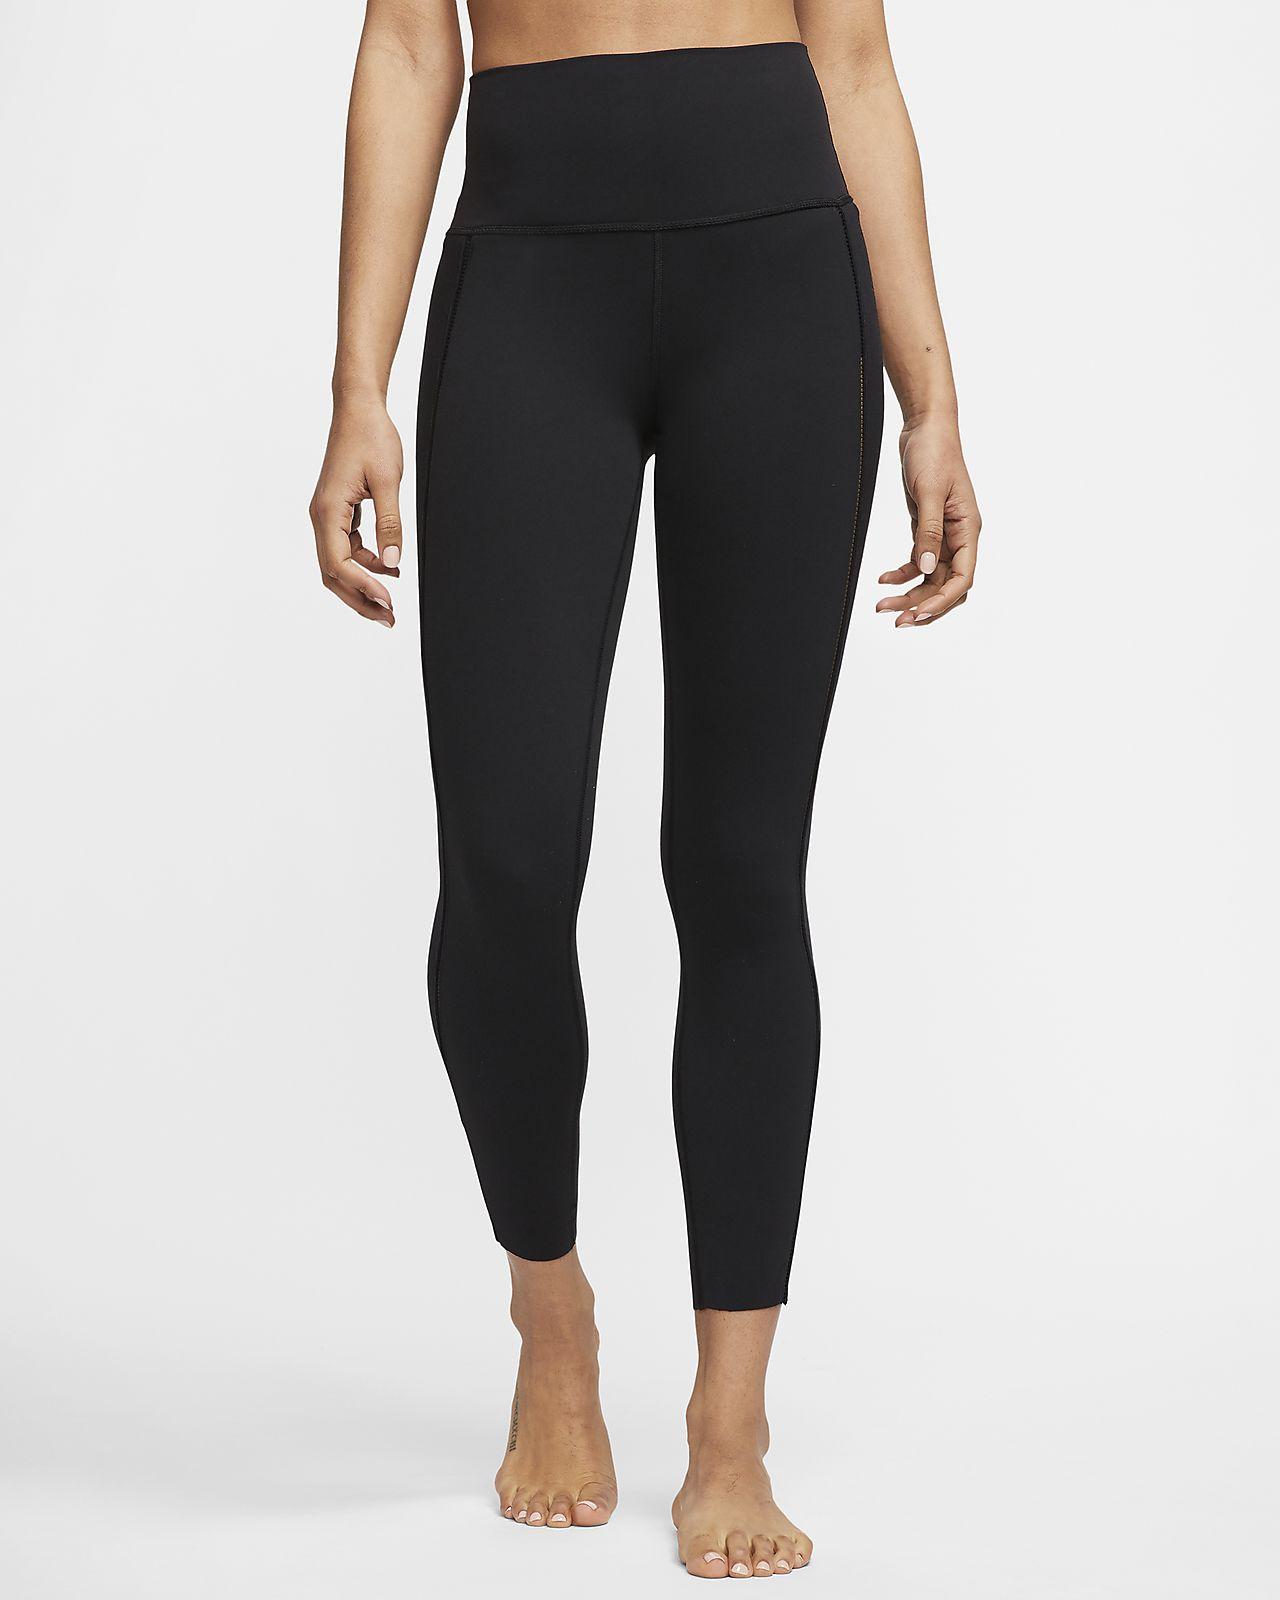 Nike Yoga Luxe 7/8 Infinalon Fitilli Kadın Taytı